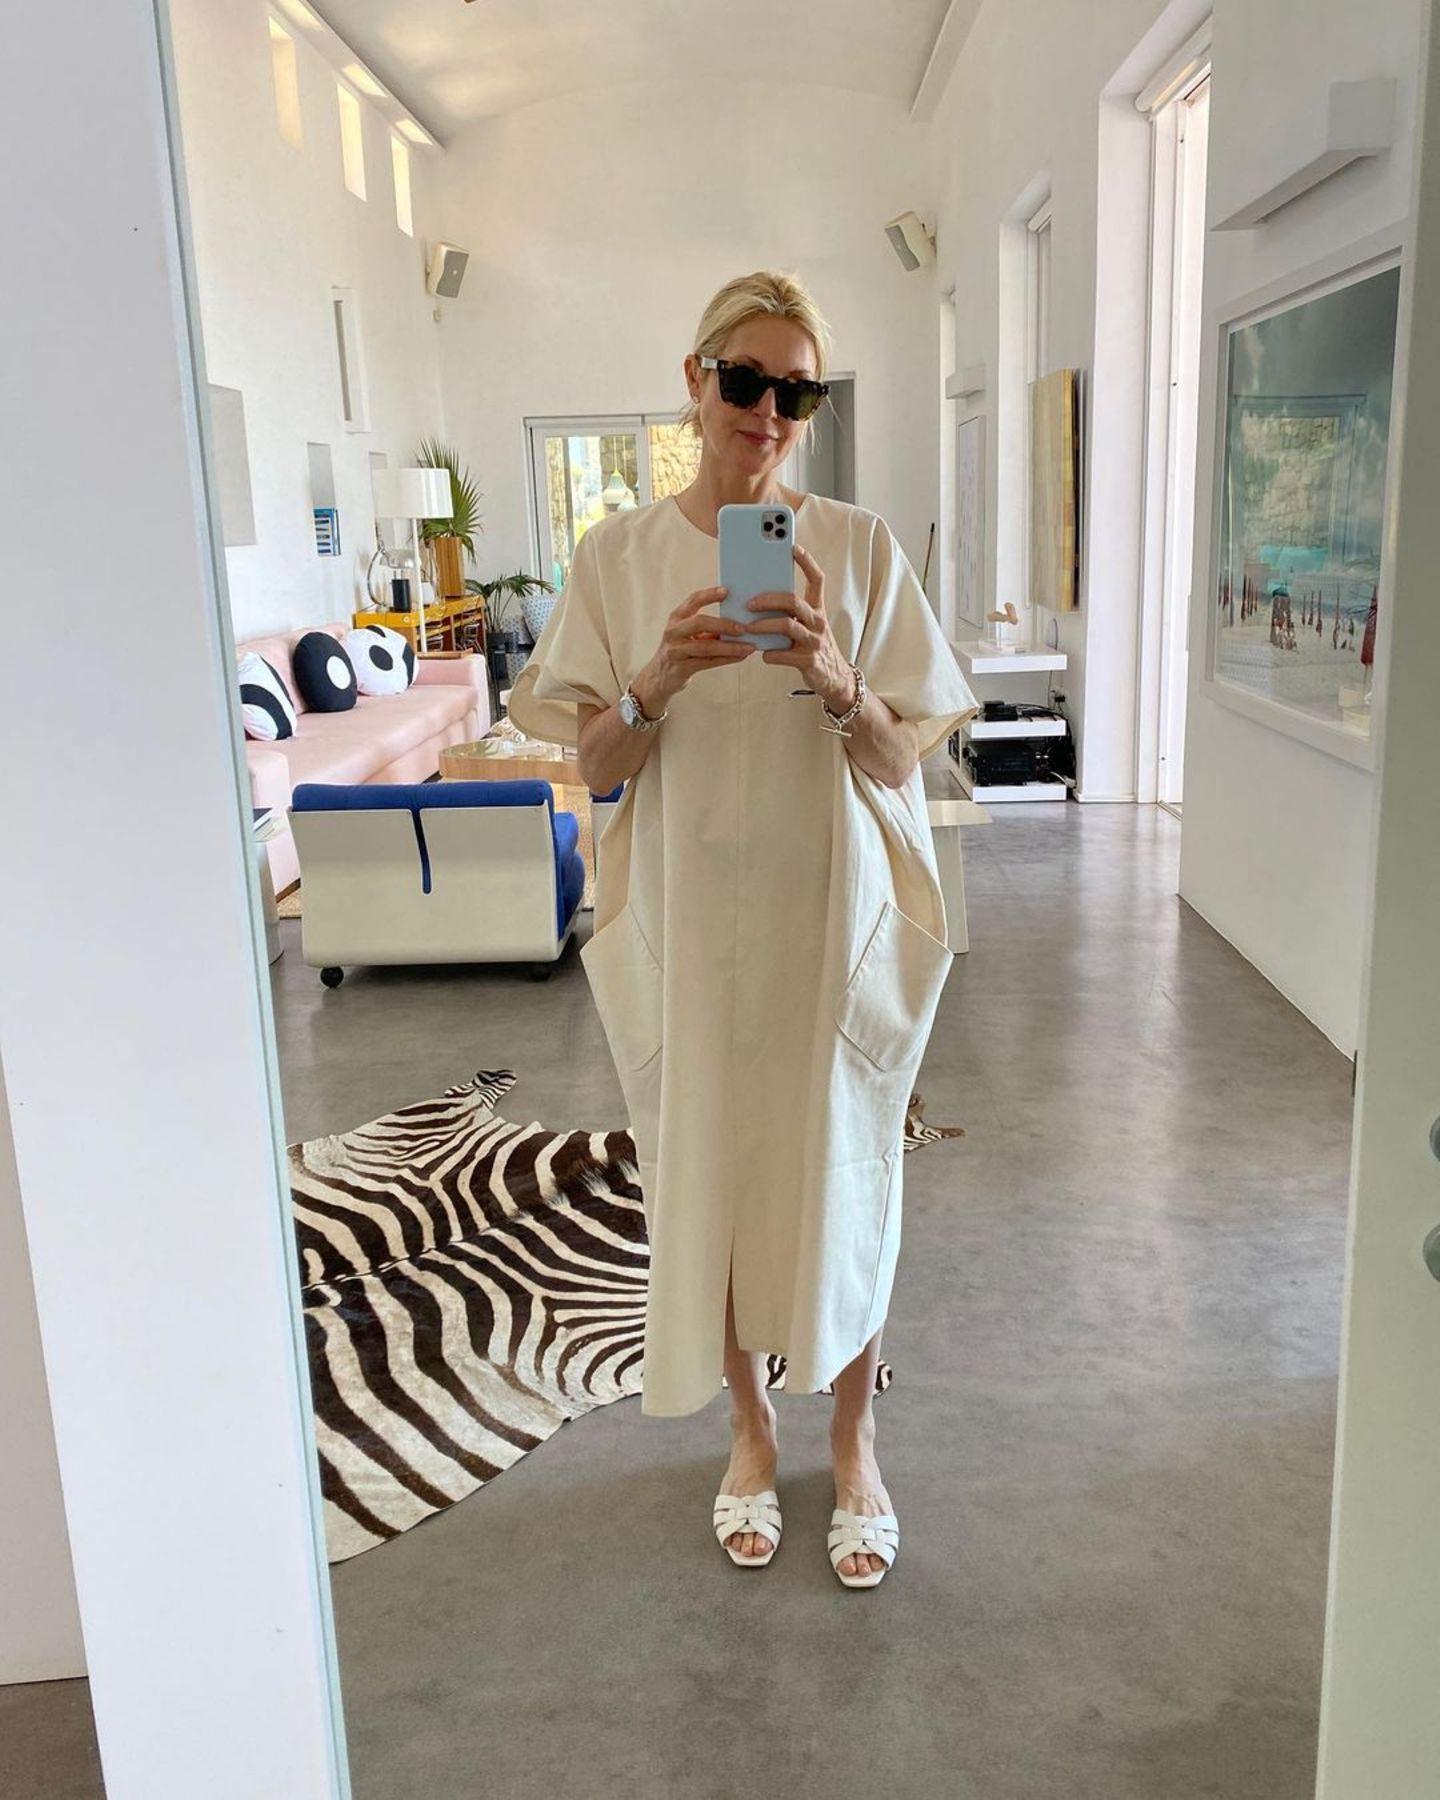 Ihr helles und modernes Zuhause setzt Kelly Rutherford am liebsten mit gekonnt platzierten Farbakzenten in Szene. Ein Sofa in zartem Rosa und ein Sessel in kräftigem Blau sorgen für fröhliche Stimmung. Eine gelbe Konsole, umringt von grünen Pflanzen, ist ein schönerBlickfang in dem Raum mit weißen, hohen Wänden und Decken. Für die Schauspielerin der perfekte Ort zum Wohlfühlen.